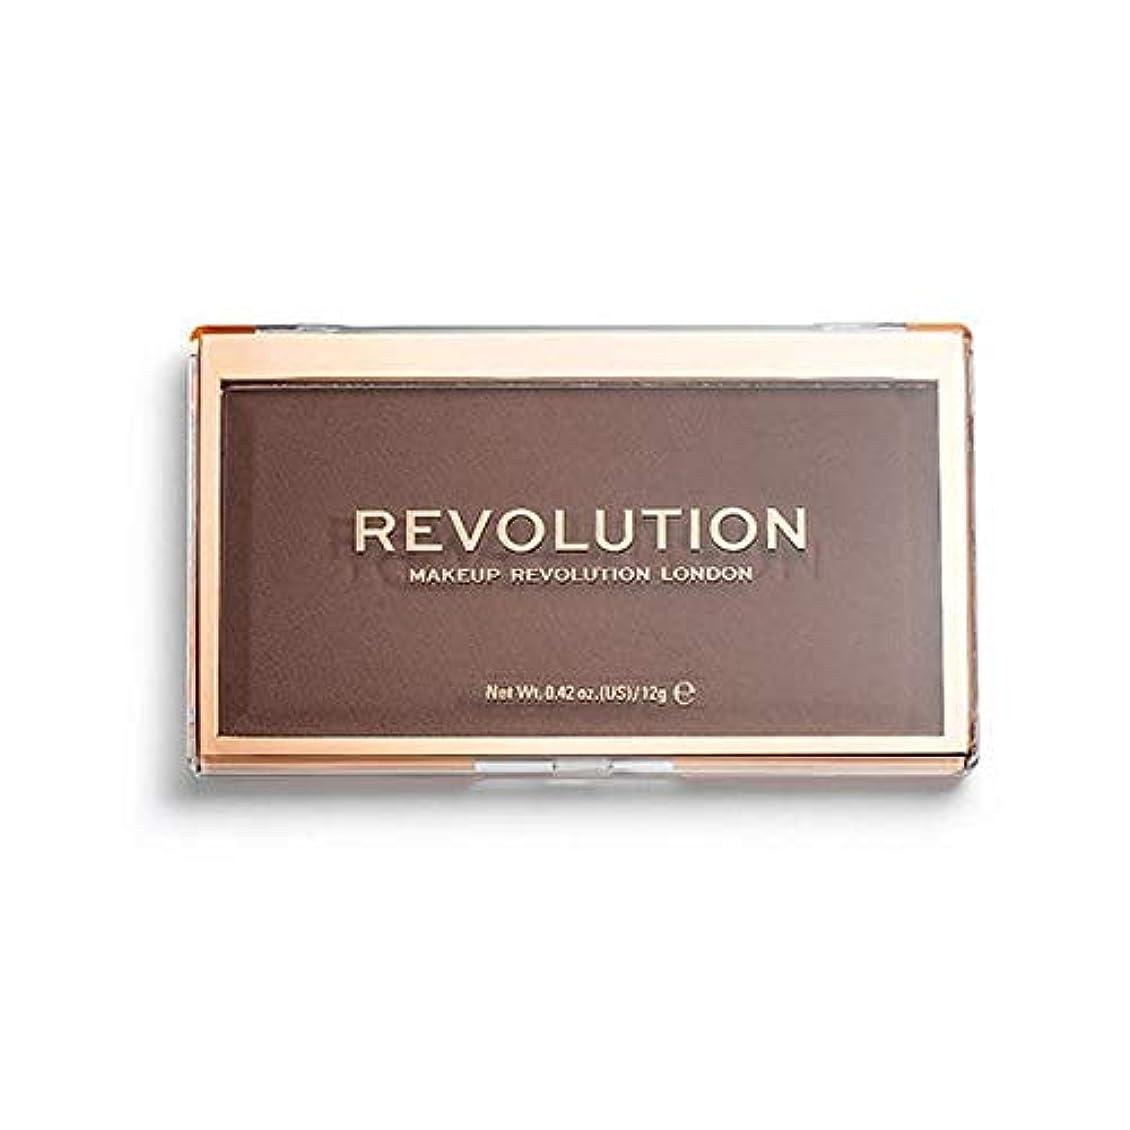 がんばり続ける前提条件仮定[Revolution ] 回転マットベース粉末P14 - Revolution Matte Base Powder P14 [並行輸入品]